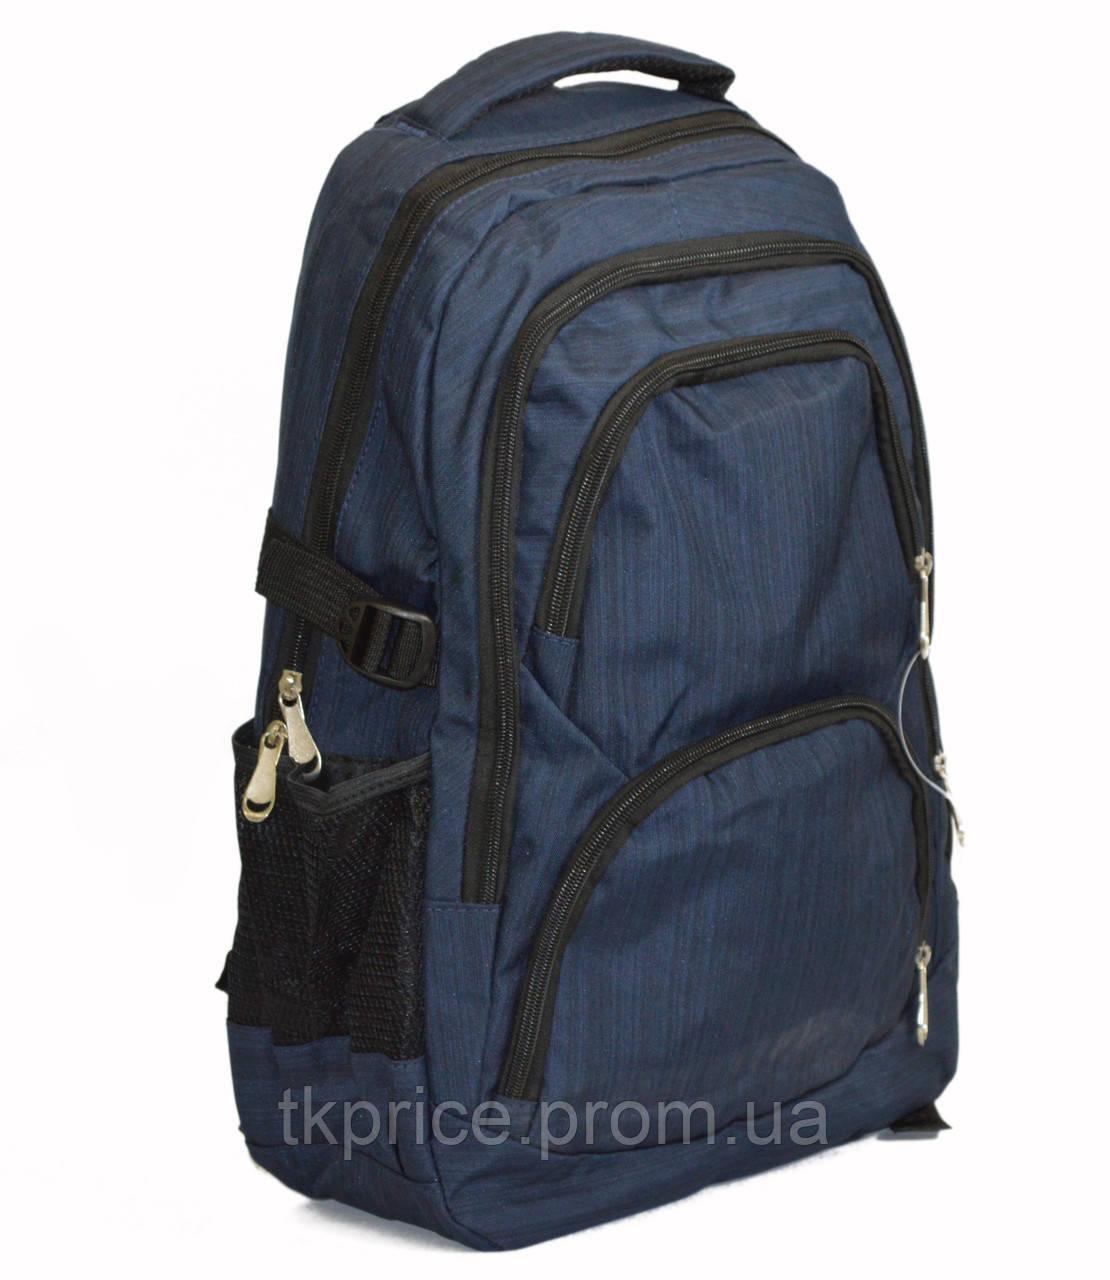 f82fc626e8a2 Универсальный Рюкзак для Школы и Прогулок Синий — в Категории ...